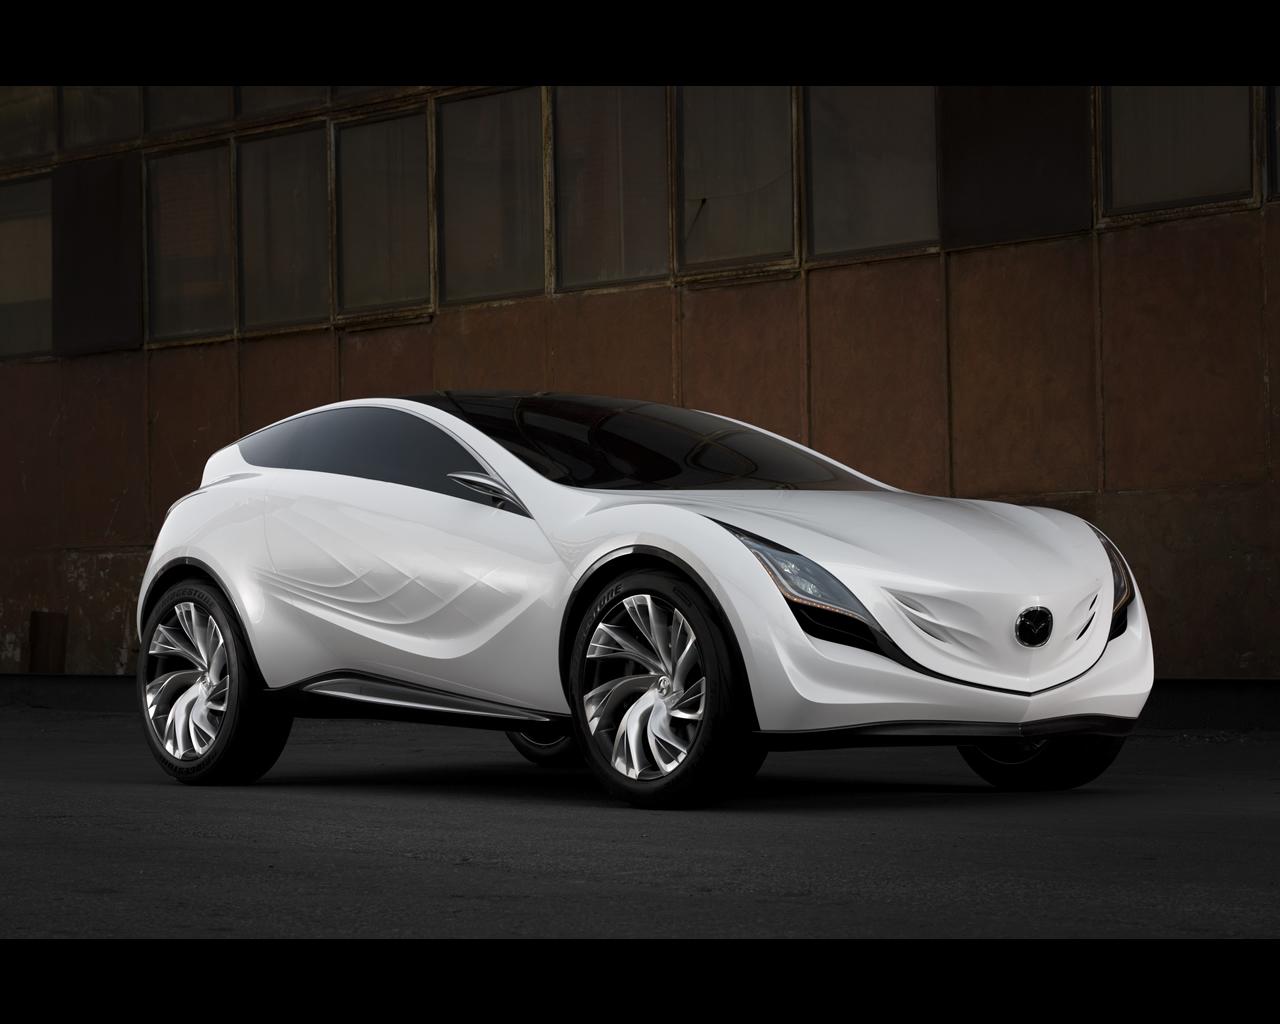 http://autoconcept-reviews.com/cars_reviews/mazda/mazda-kazamai-concept-2008/wallpaper/7.jpg